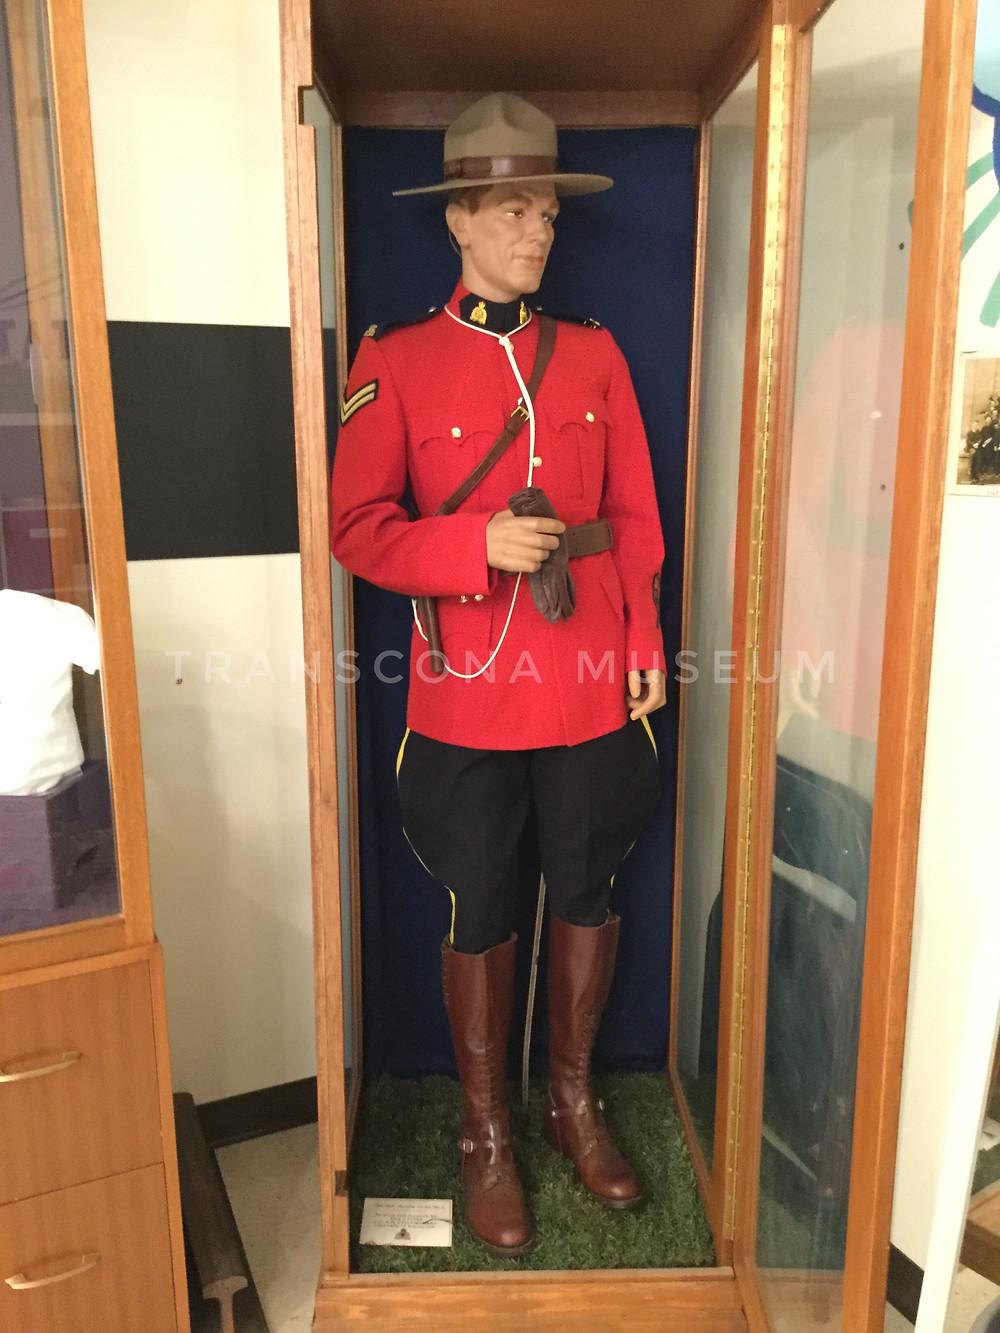 RCMP uniform at Transcona Museum